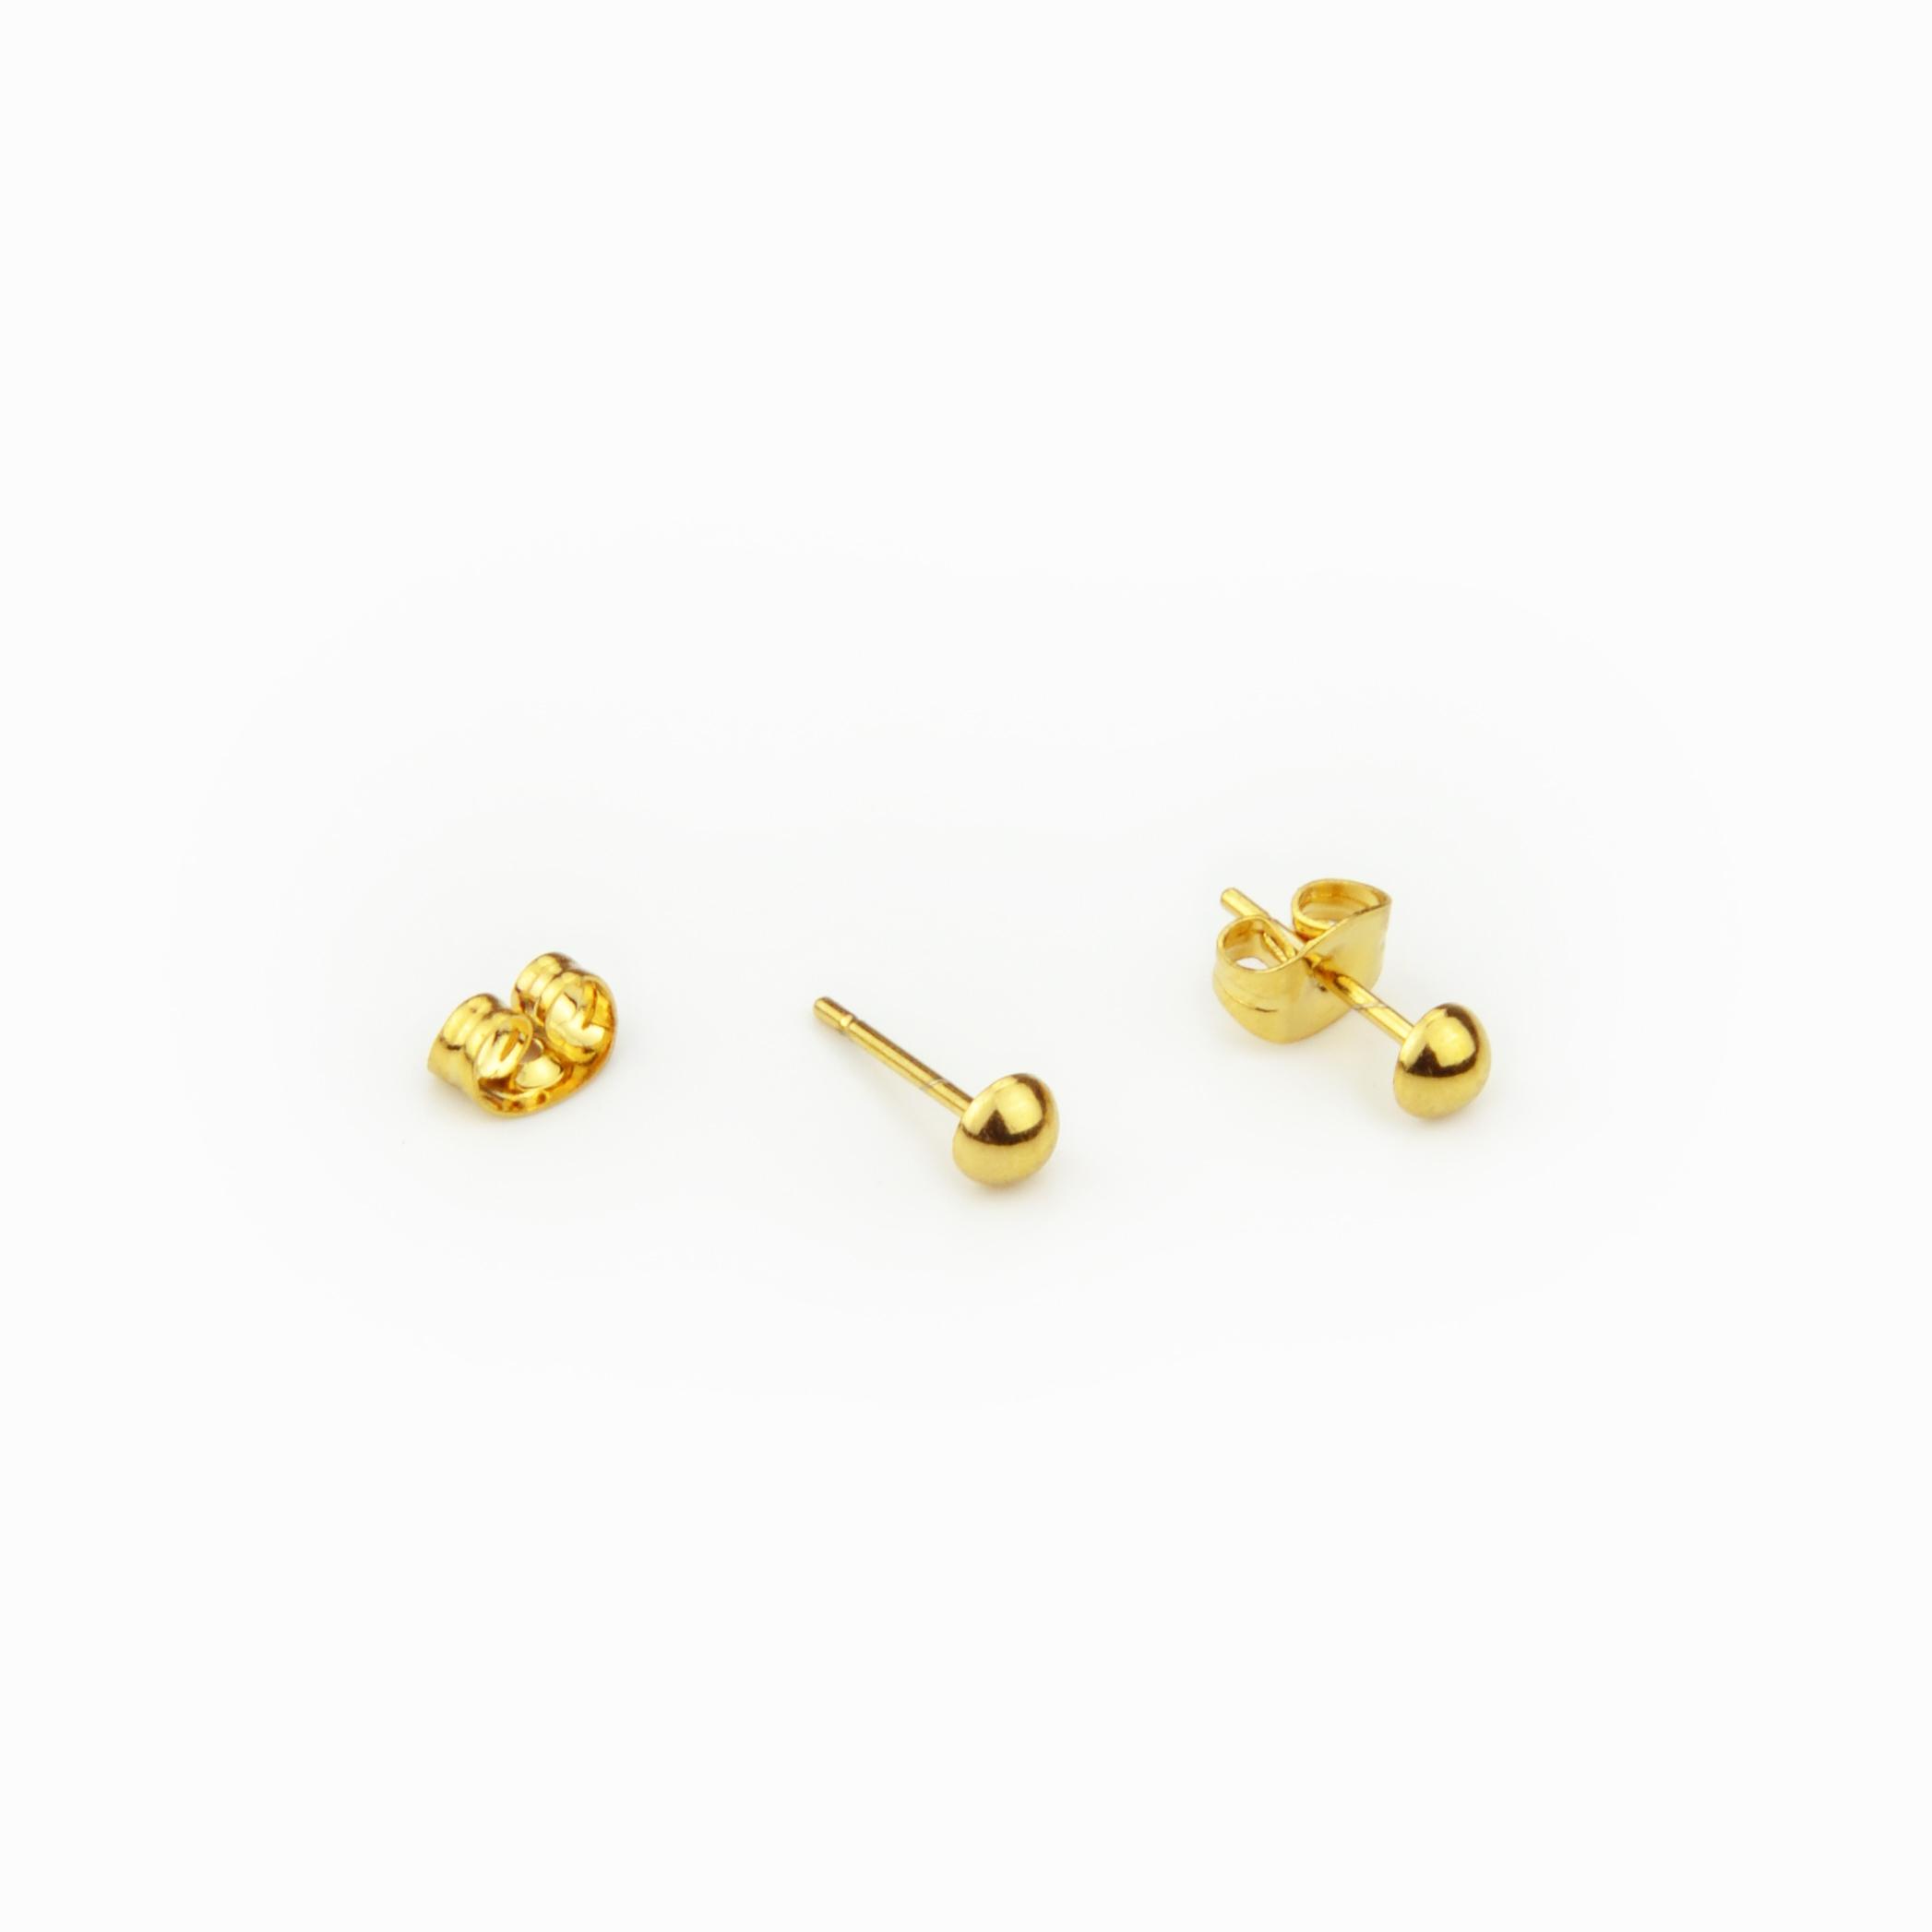 Brincos meia bola dourada em aço